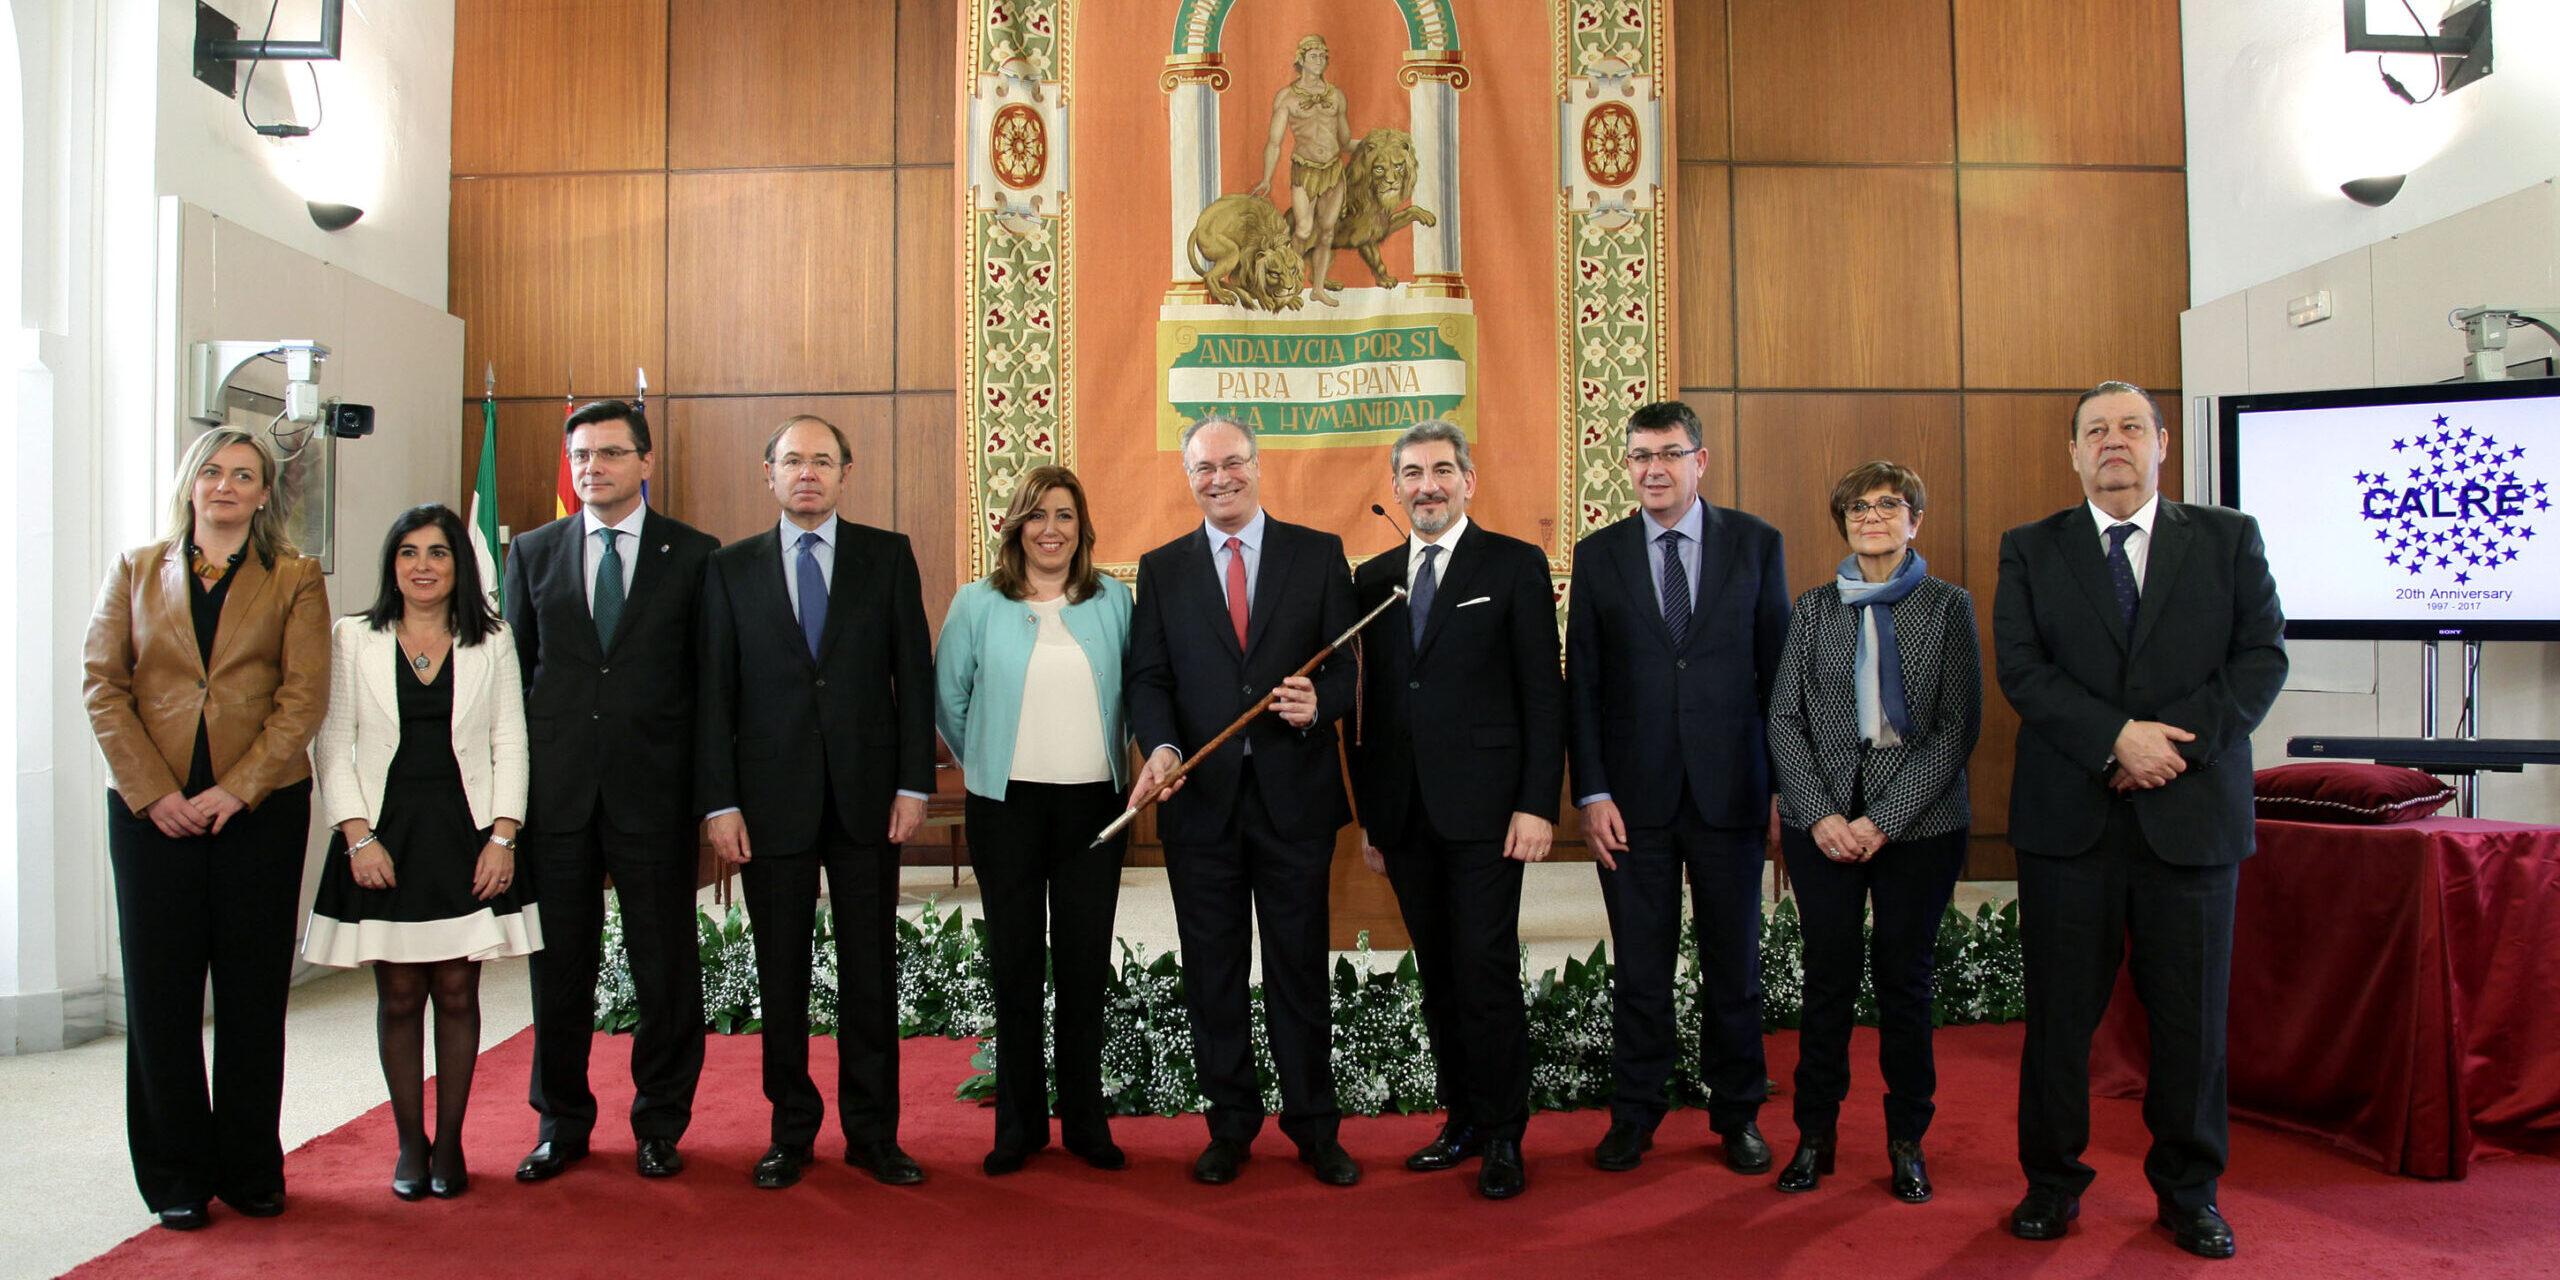 Reunión de la CALRE en Sevilla